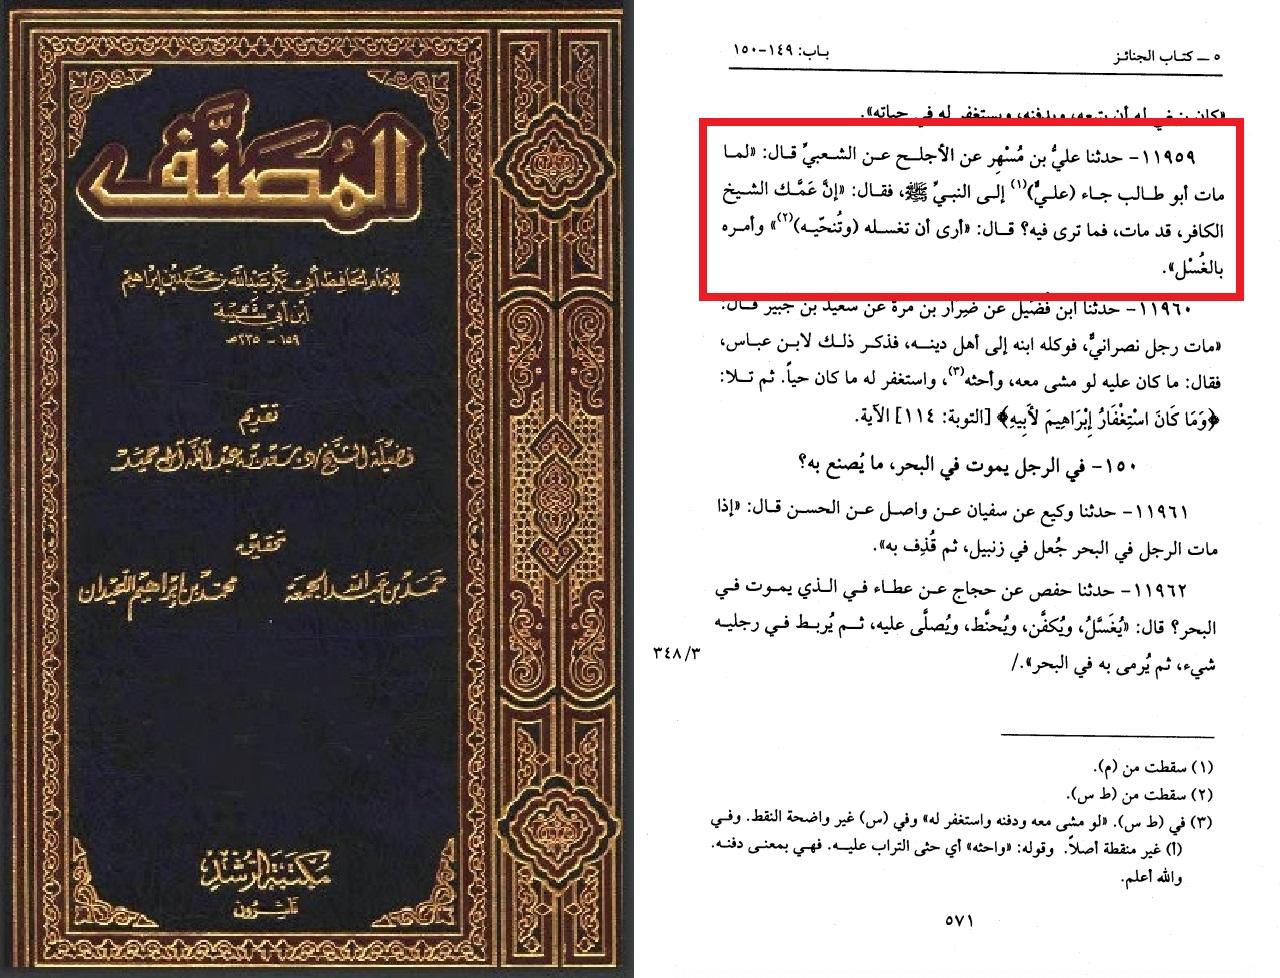 mosannaf b 4 s 441 h 11959